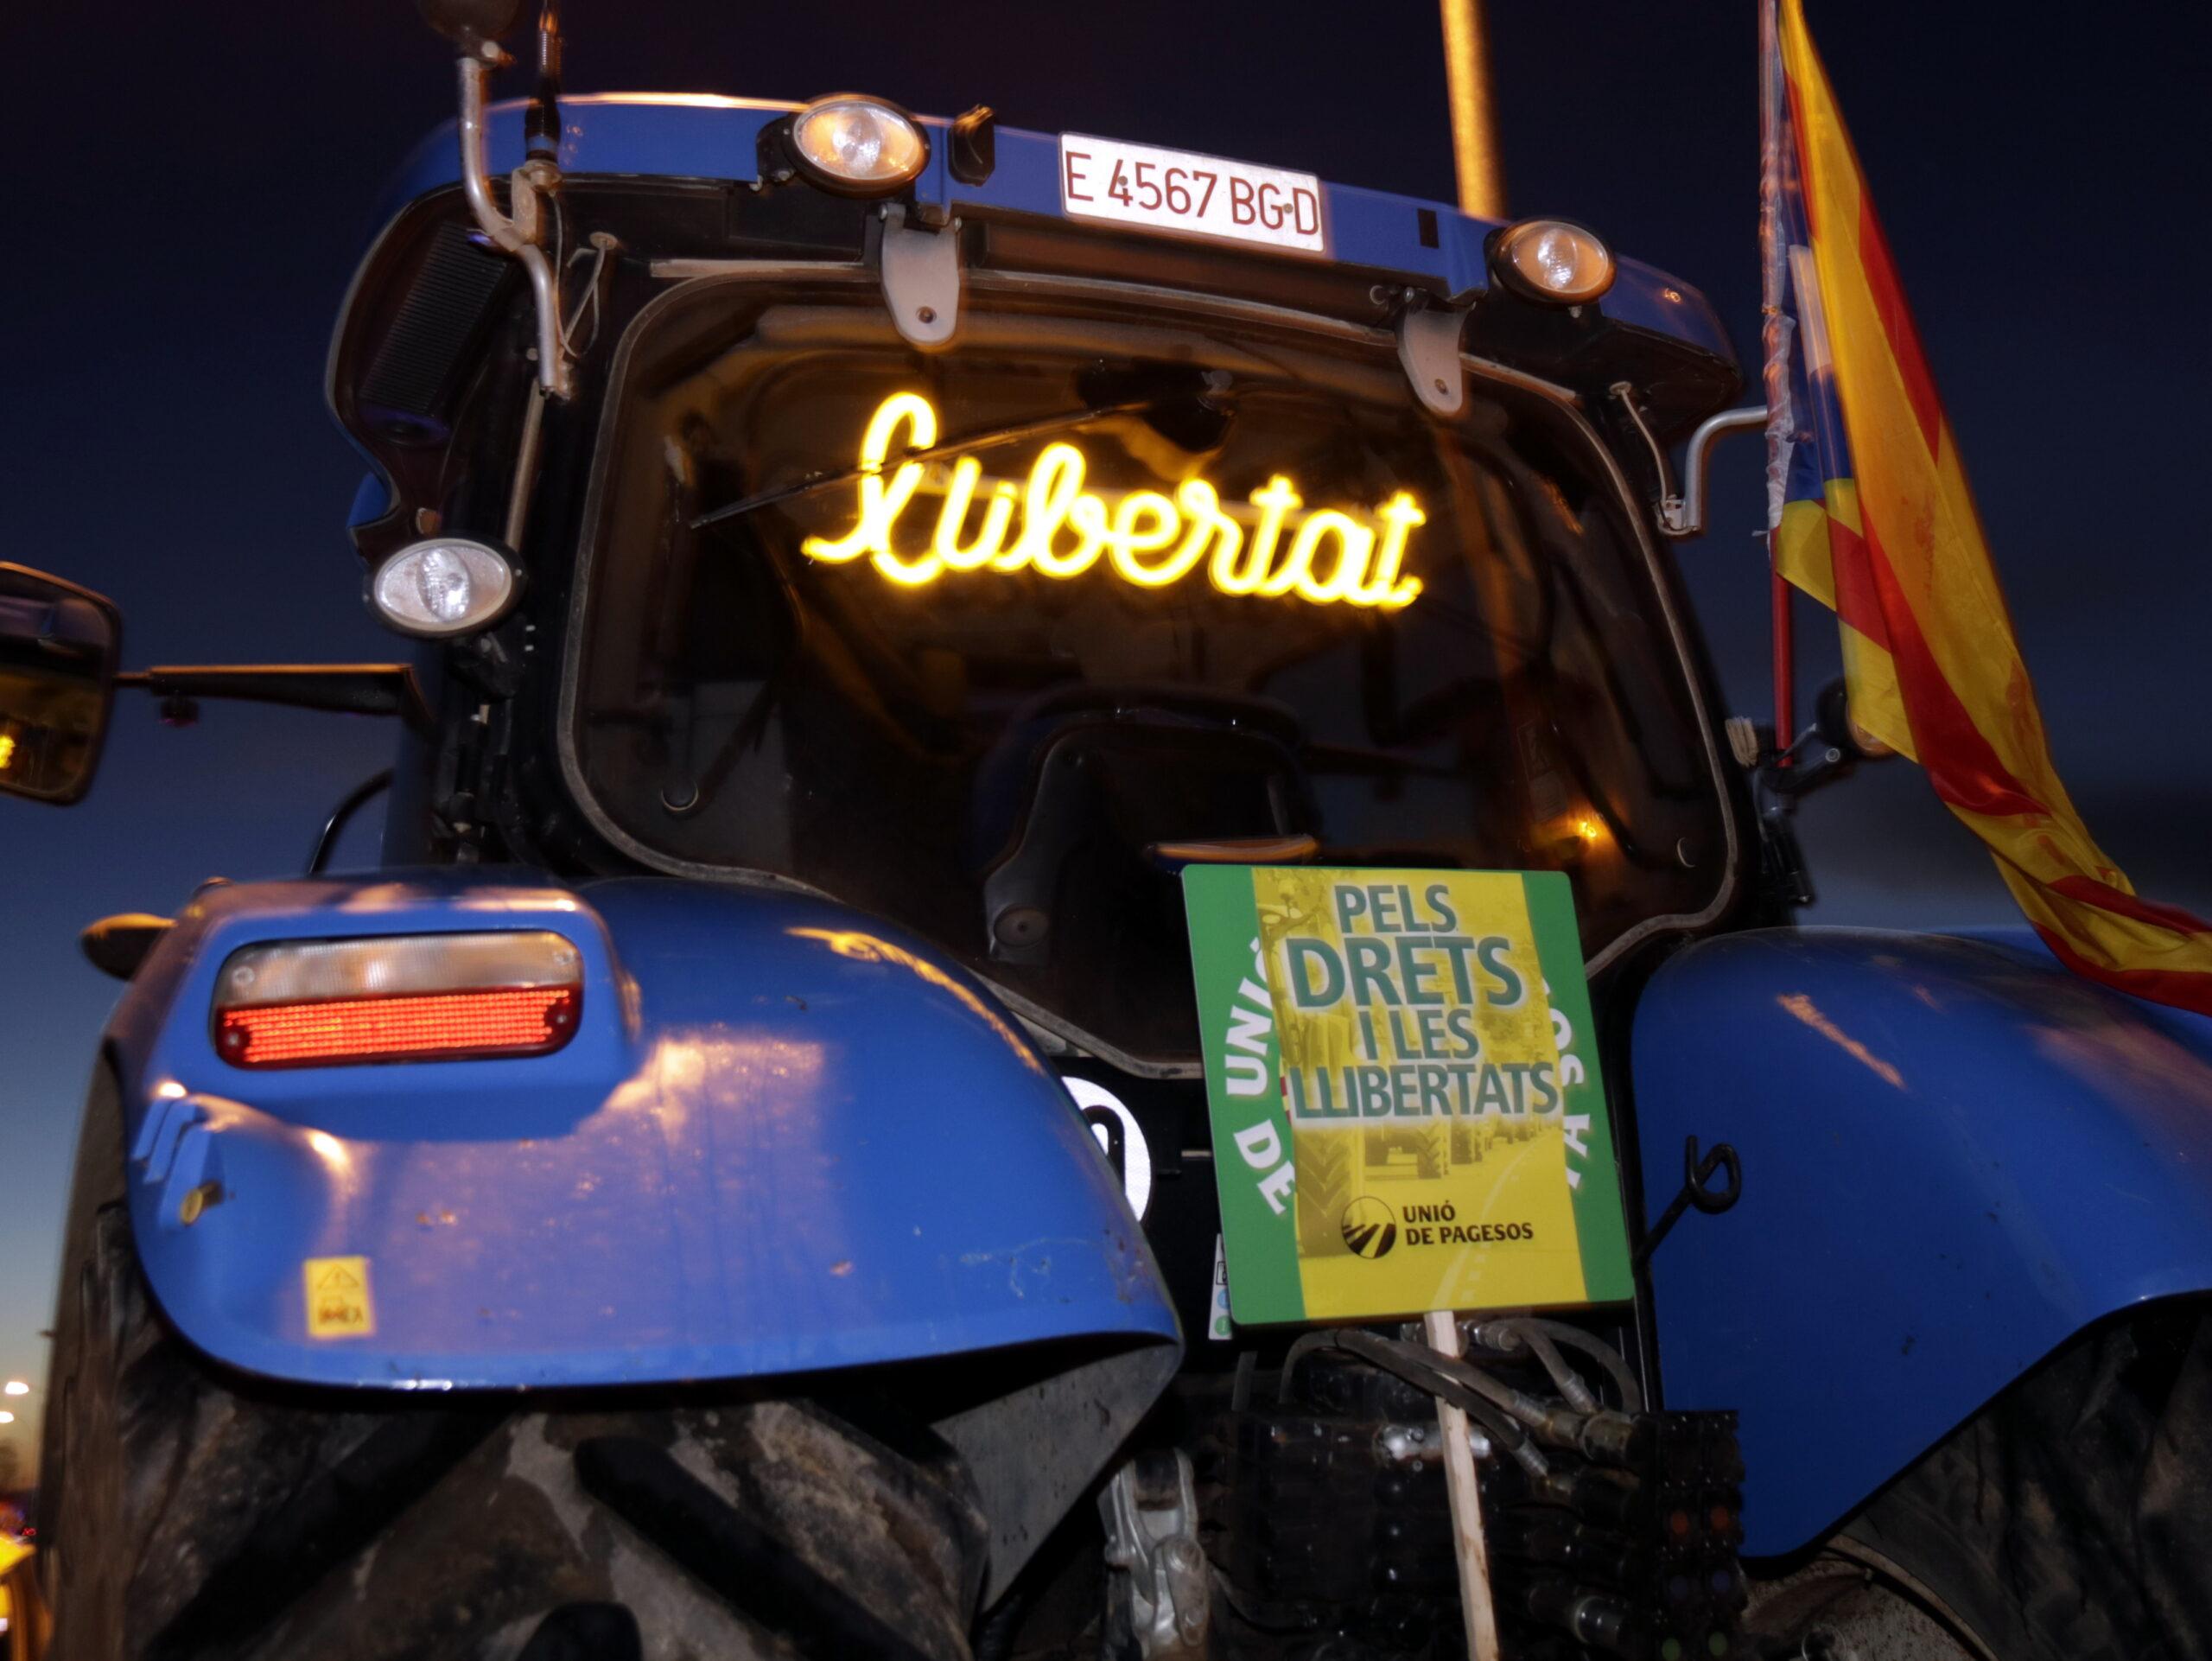 Pla curt d'un tractor que porta un panell lluminós amb la paraula 'llibertat' i un cartell de la tractorada a Mollerussa, el 21 de desembre de 2019. (Horitzontal)